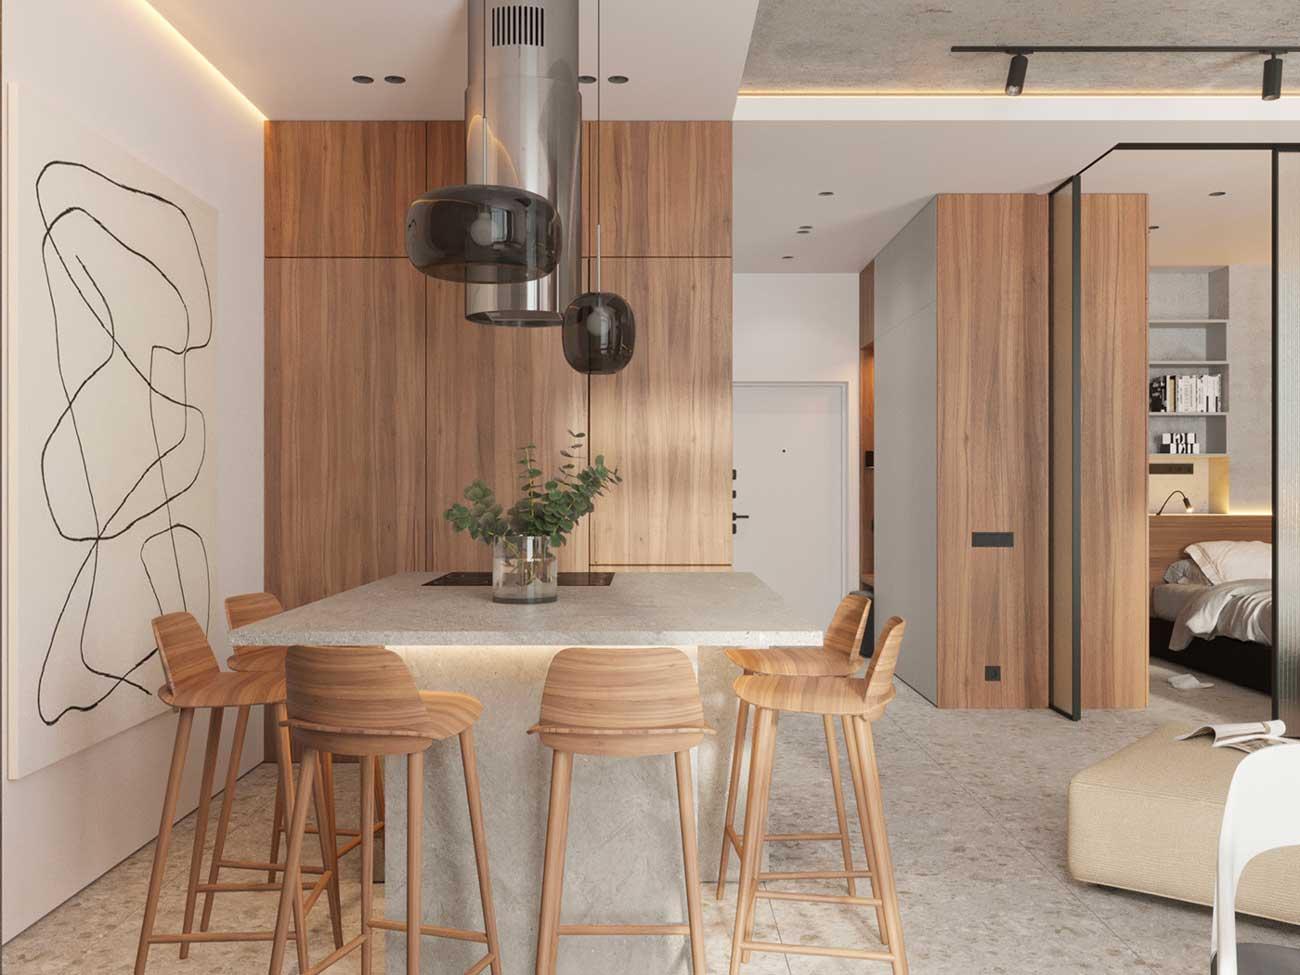 Un coin cuisine minimaliste où les rangements se cachent dans des lacards en bois blond accordés aux tabourets hauts